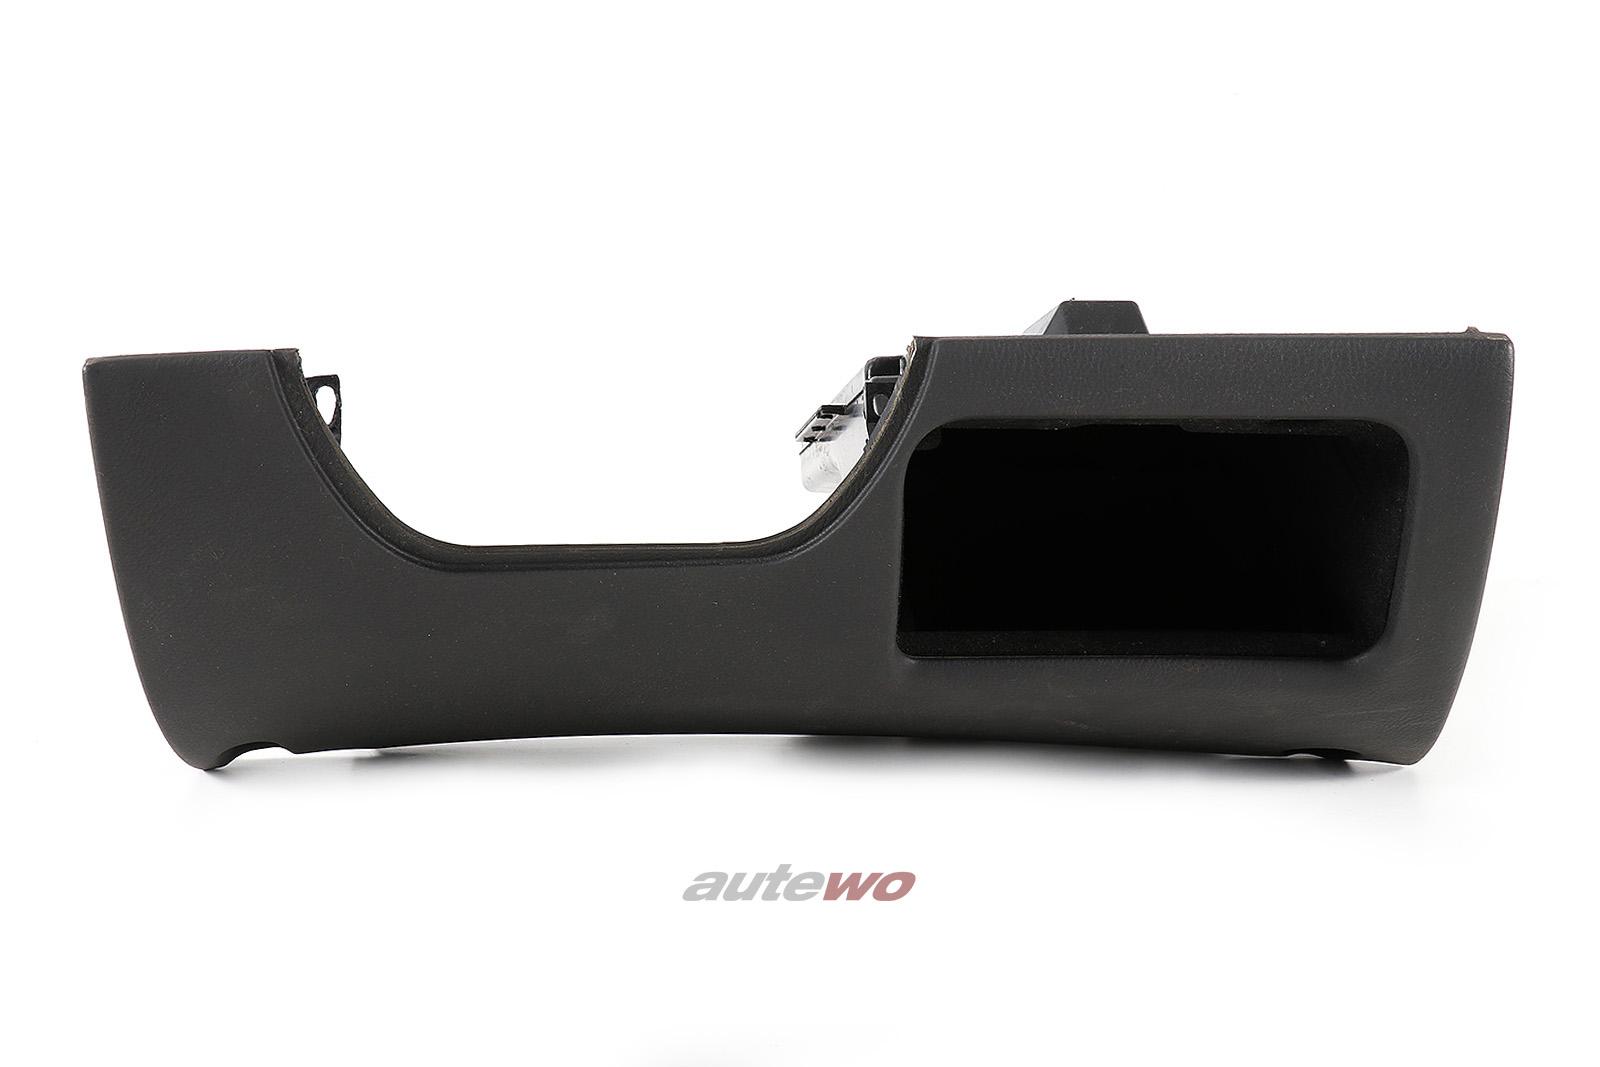 4D2857005 4D2857005F Audi A8/S8 D2 Ablagefach Armaturenbrett Rechtslenker